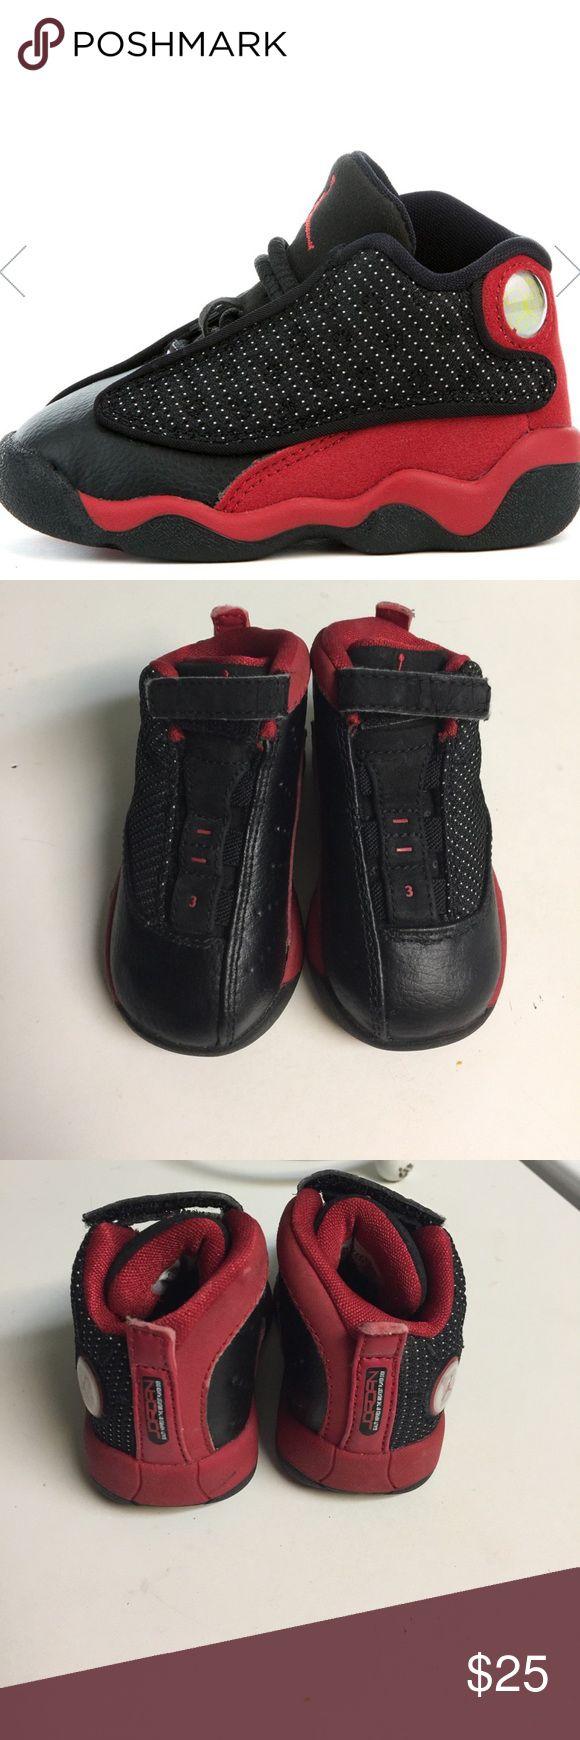 Like New retro Jordan for babies In great condition Air Jordan Shoes Sneakers